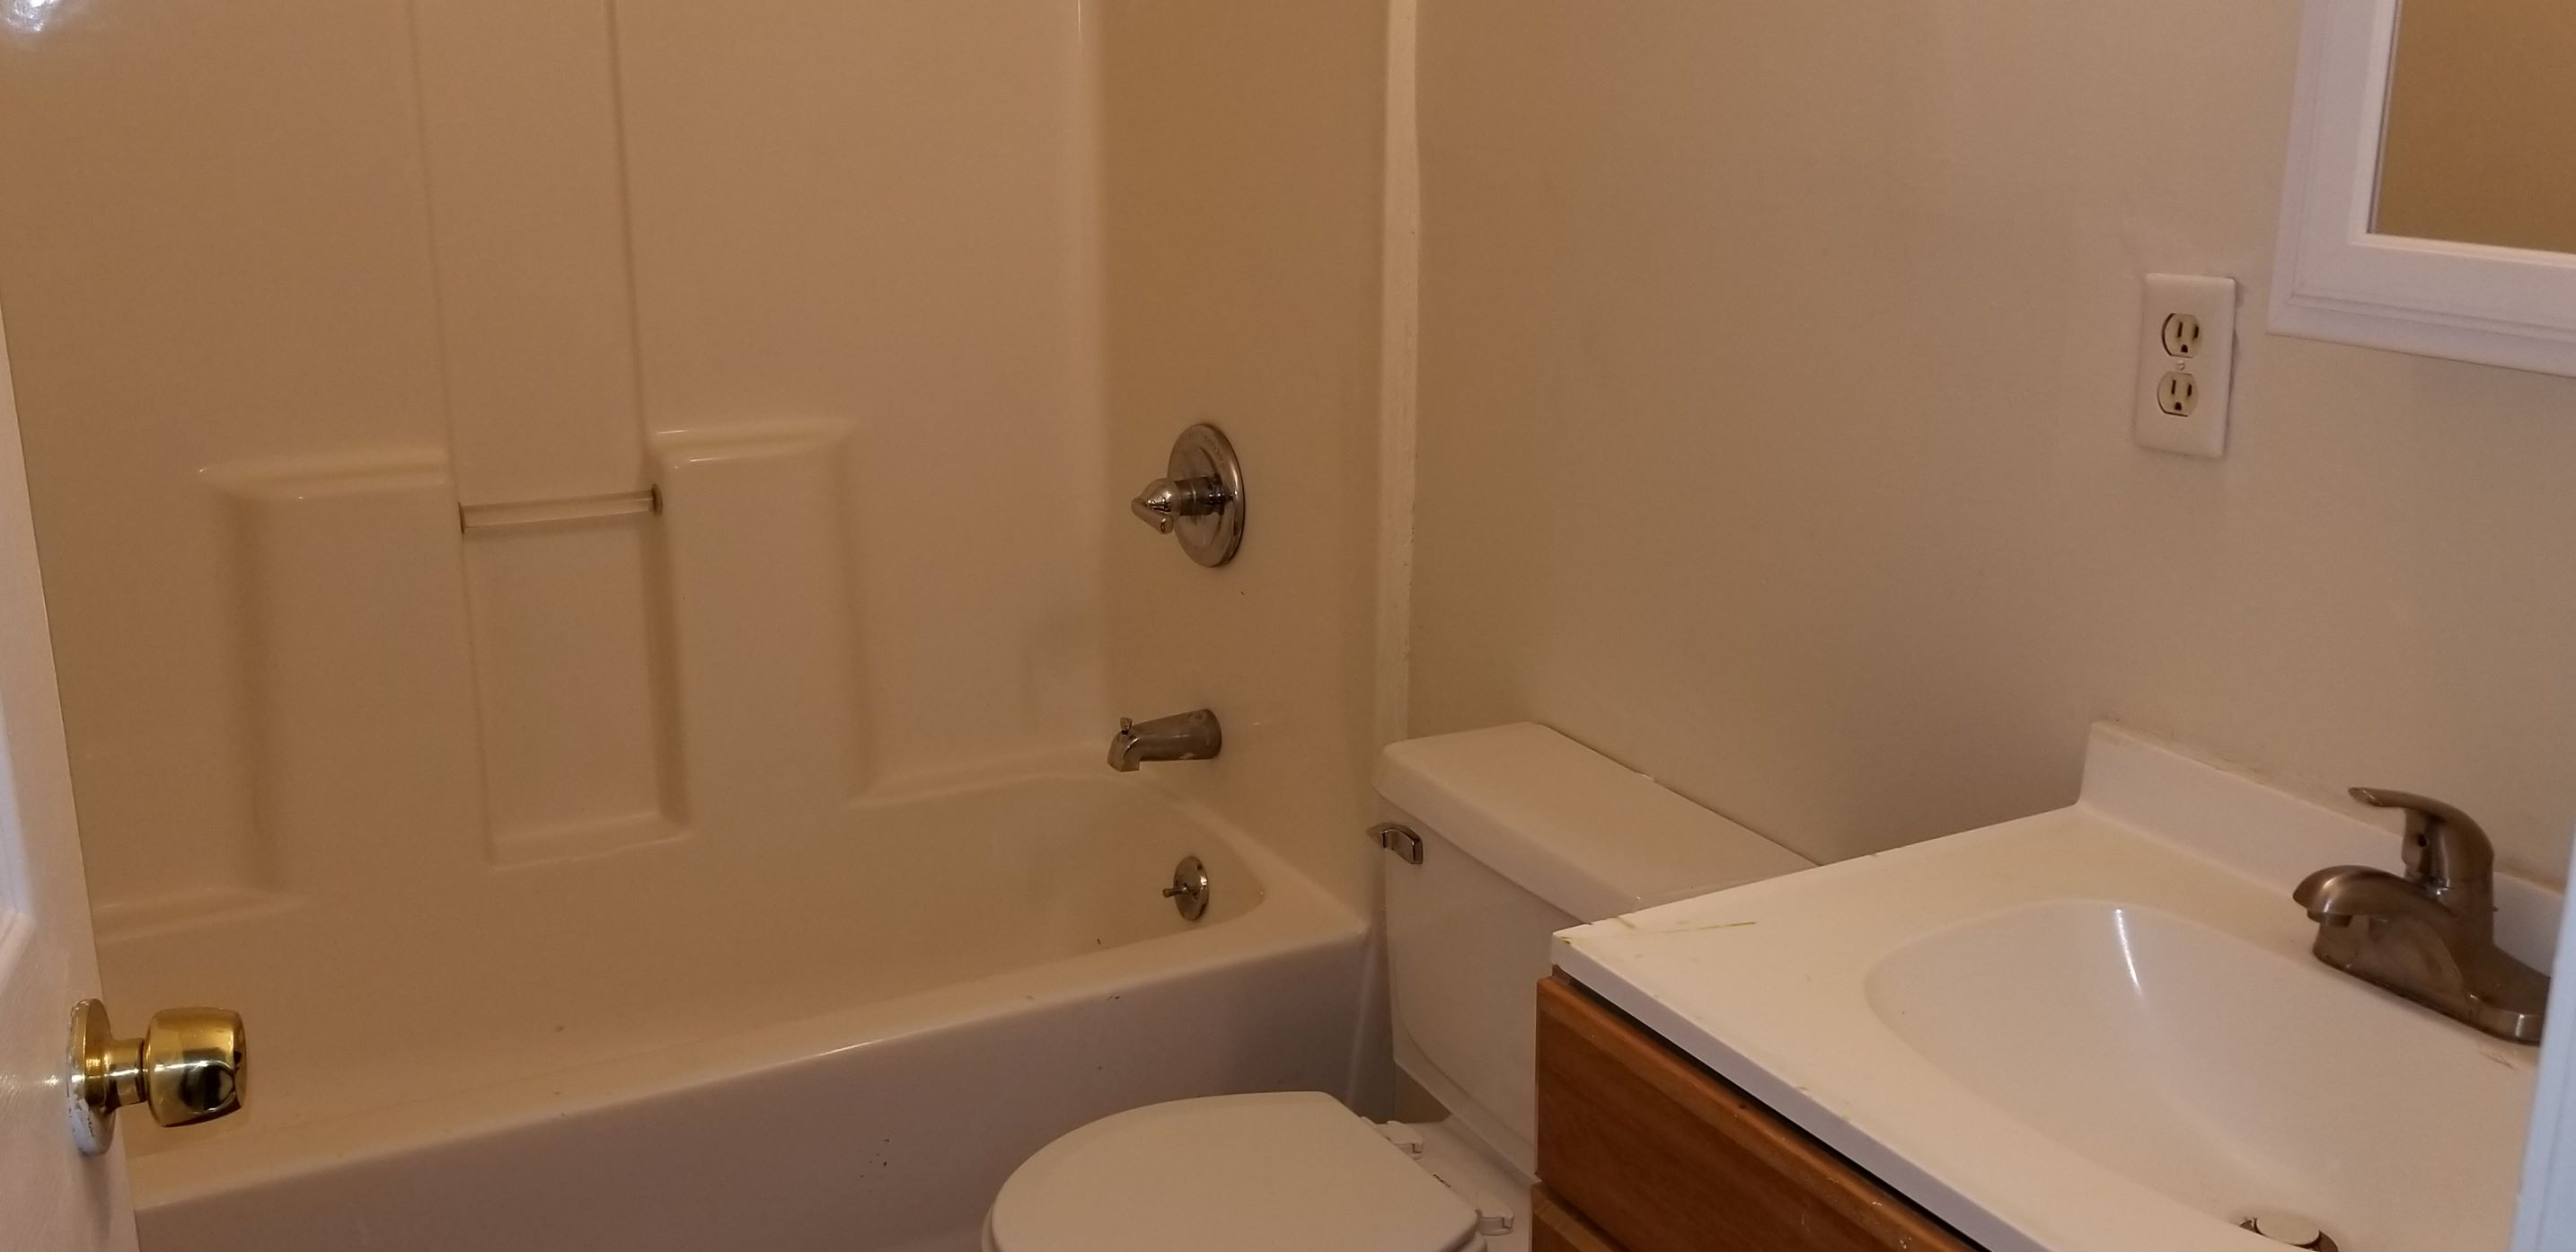 1513 Hale ave,Louisville,Kentucky 40210,3 Bedrooms Bedrooms,1.5 BathroomsBathrooms,Home,Hale ,1030